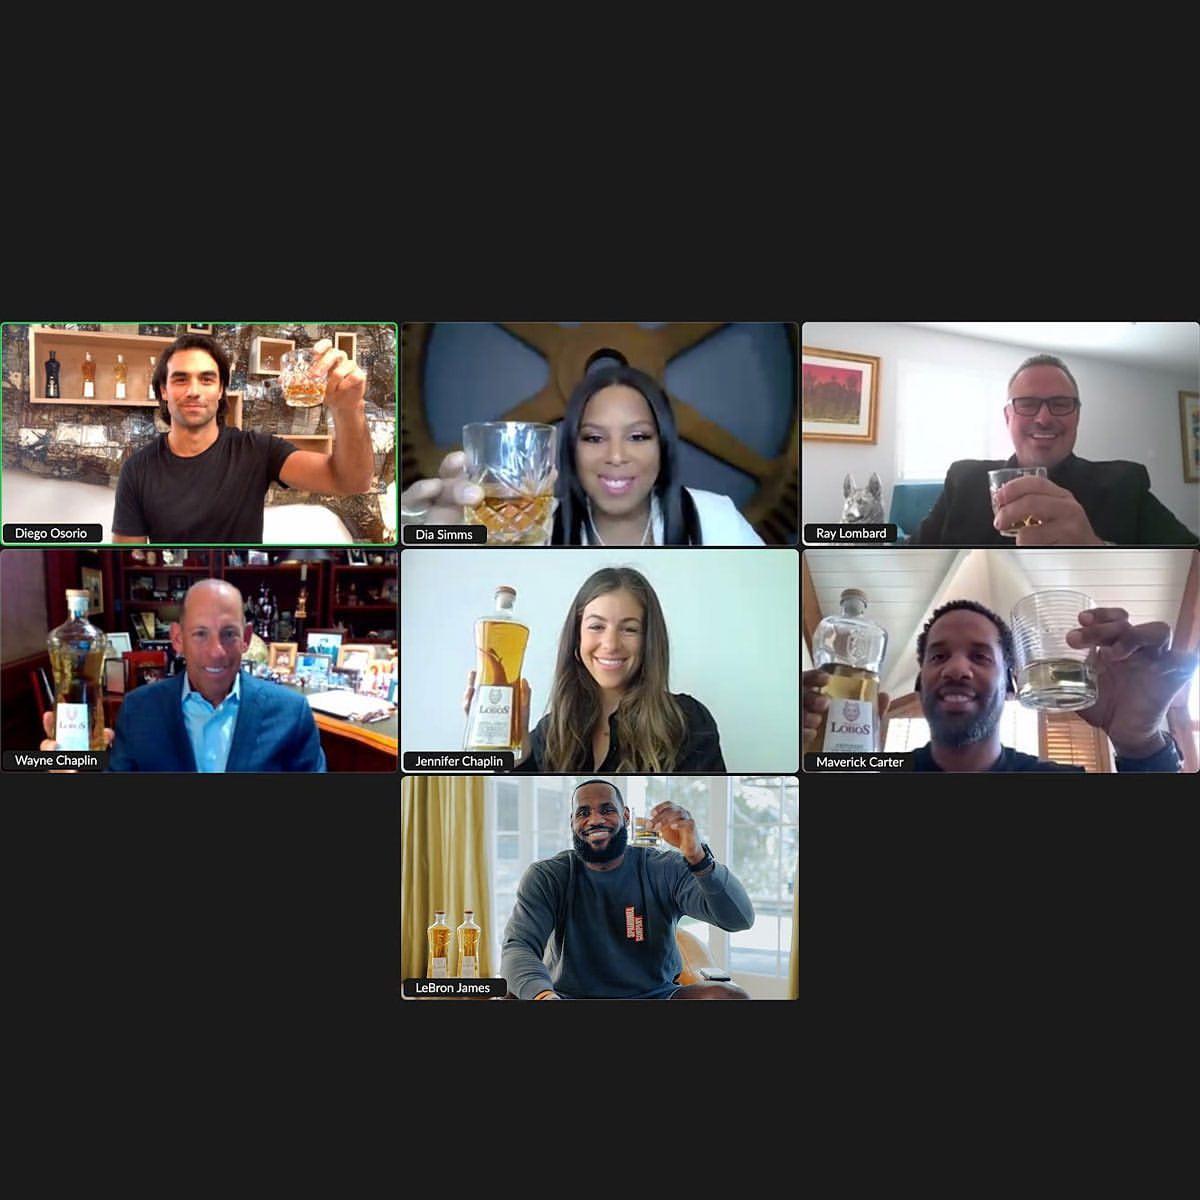 詹姆斯晒视频连线举杯庆祝合照宣传个人旗下酒品商业合作插图